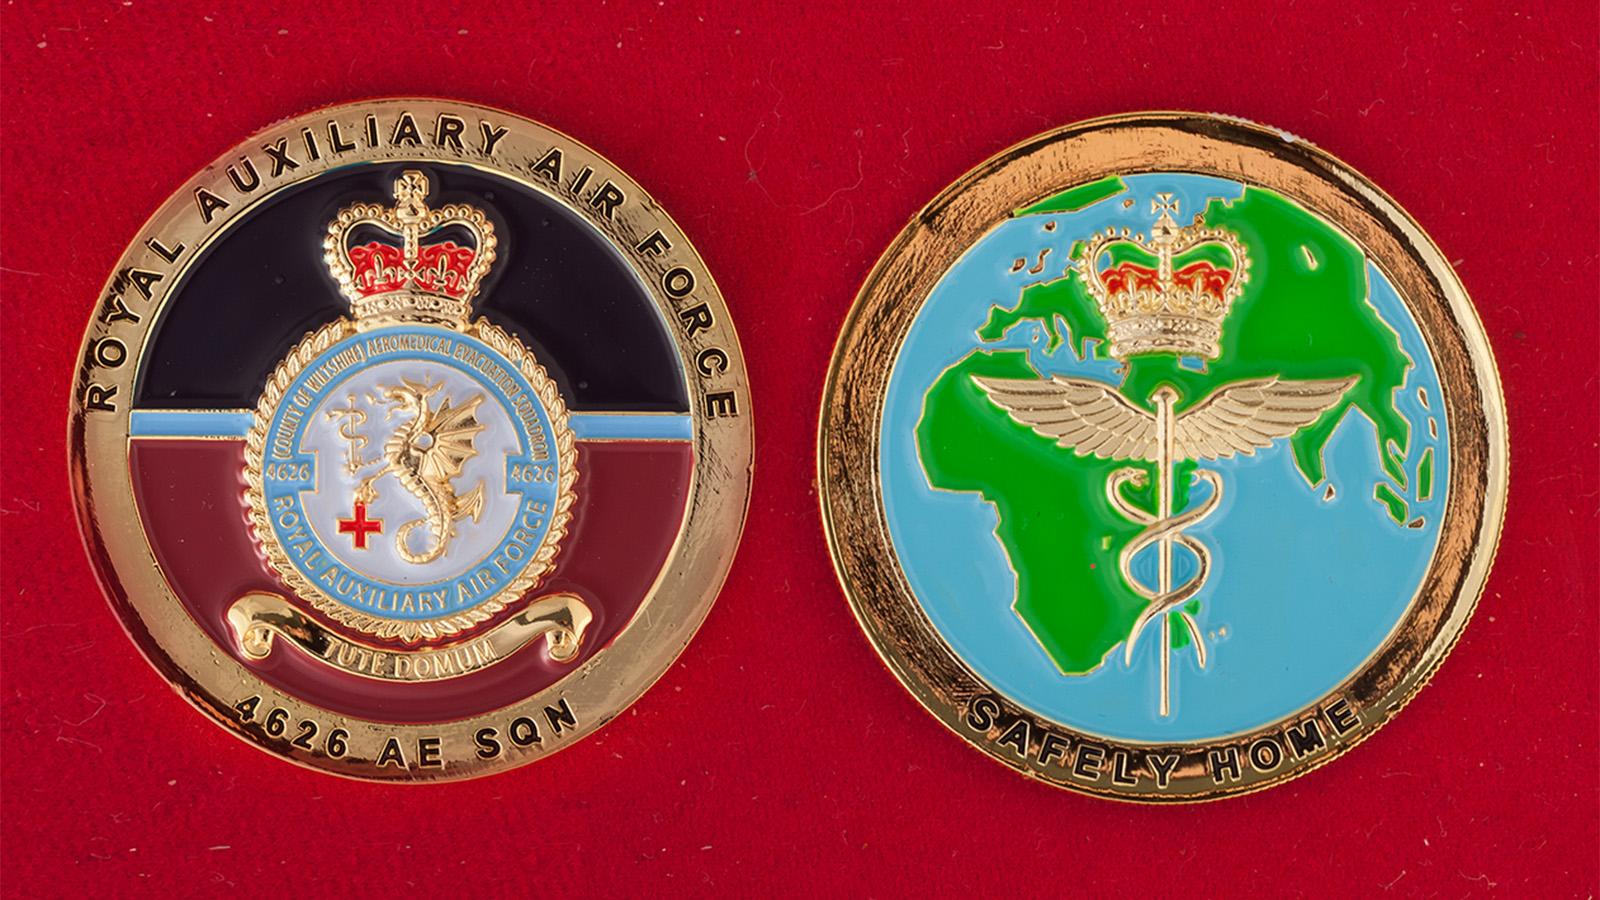 Челлендж коин 4626-й вспомогательной эскадрильи Королевских ВВС Великобритании - аверс и реверс